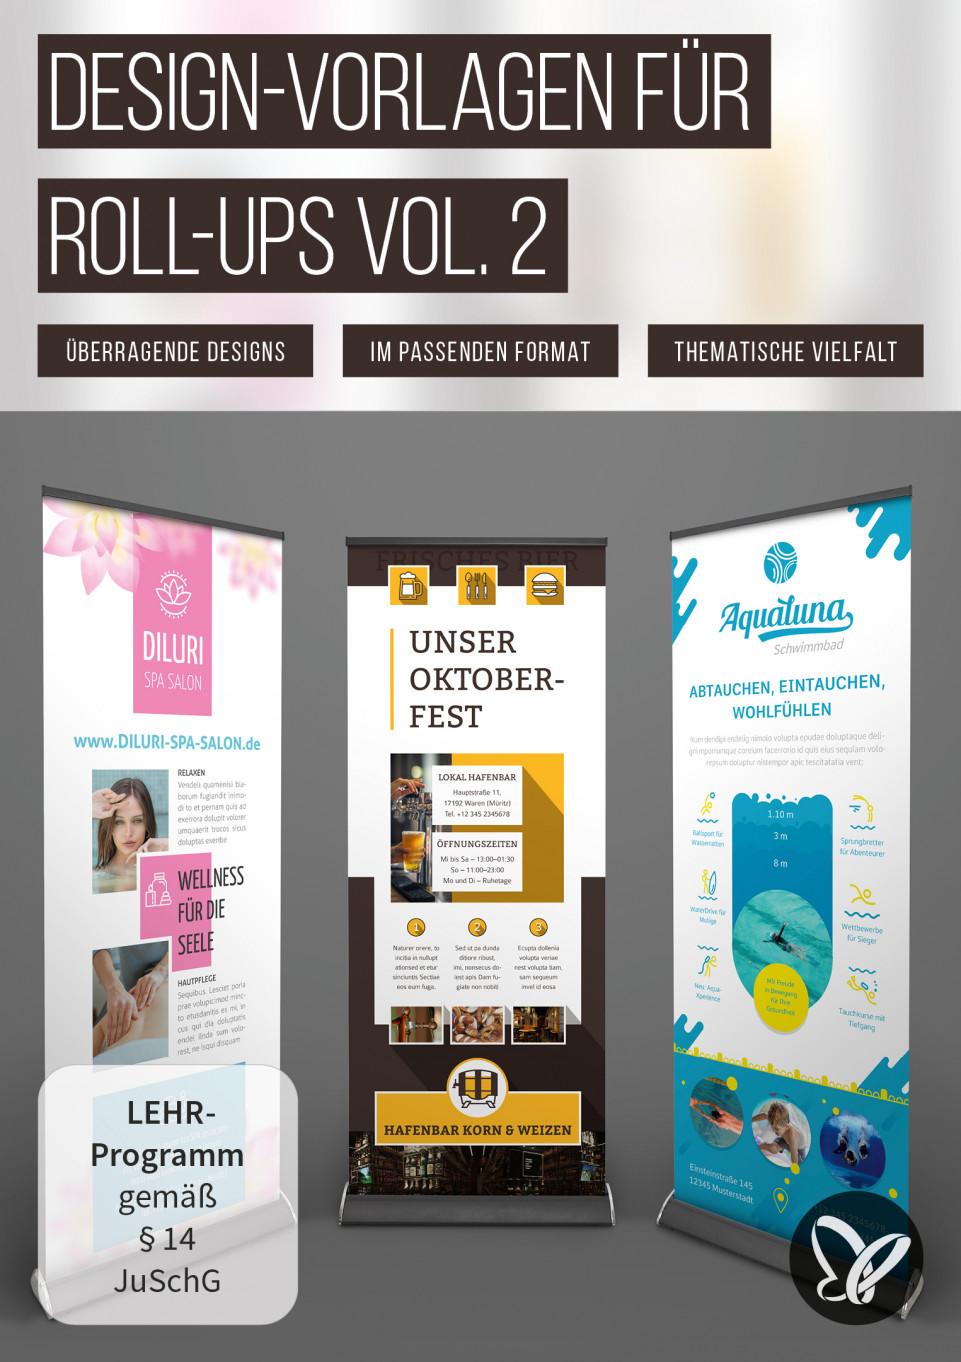 Design-Vorlagen für Roll-ups, die auffallen Vol. 2